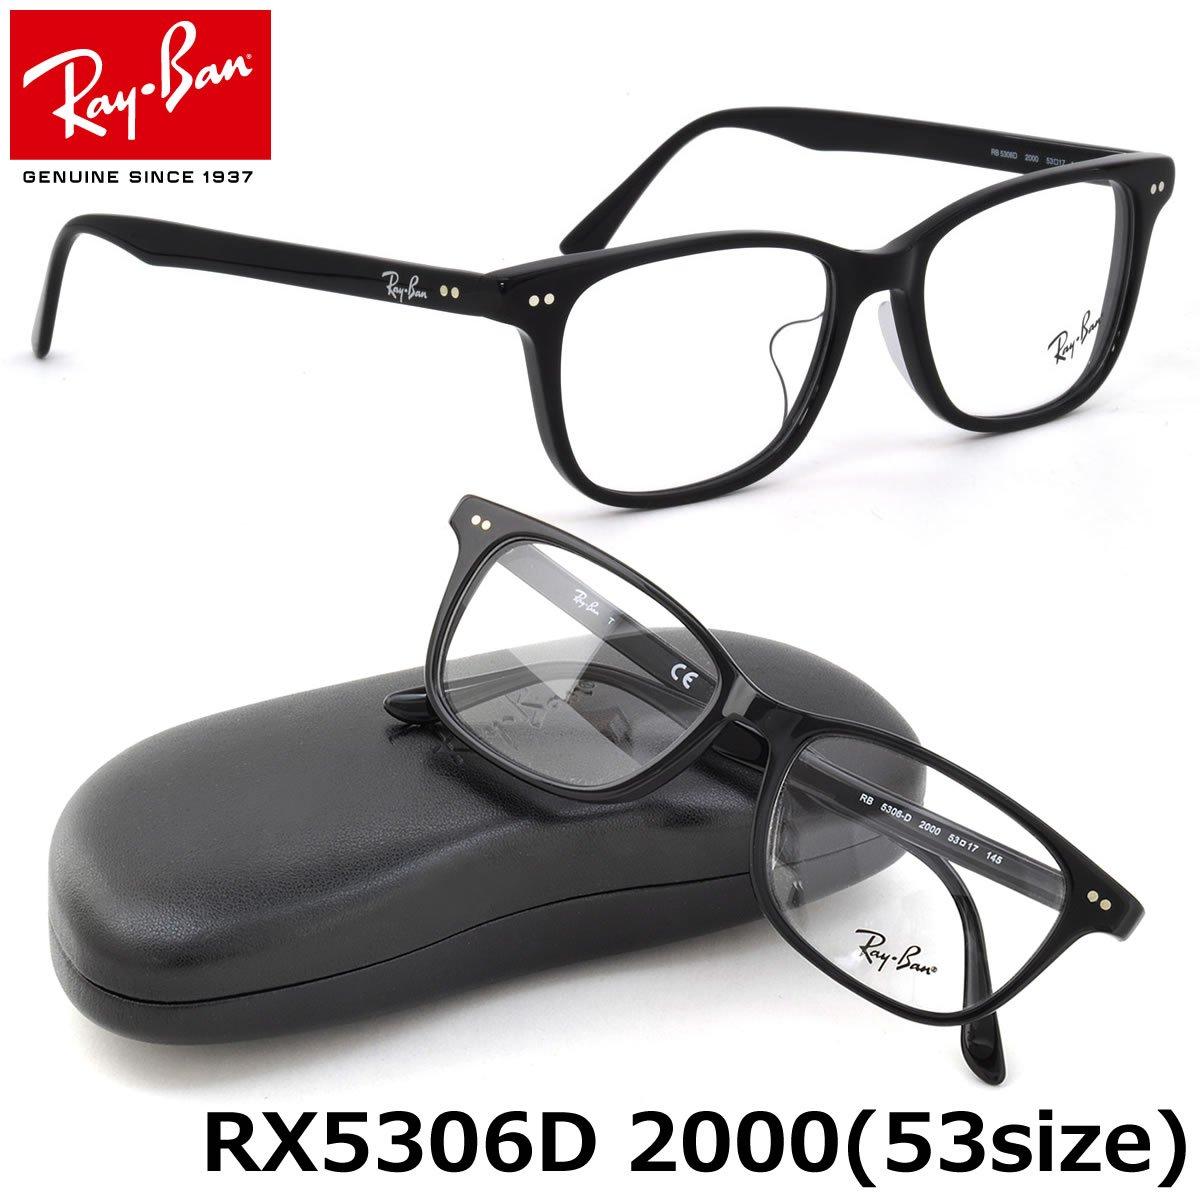 【レイバン国内正規品販売認定店】RX5306D 2000 53サイズ Ray-Ban (レイバン) メガネフレーム  フレームのみ B01D7AHELM